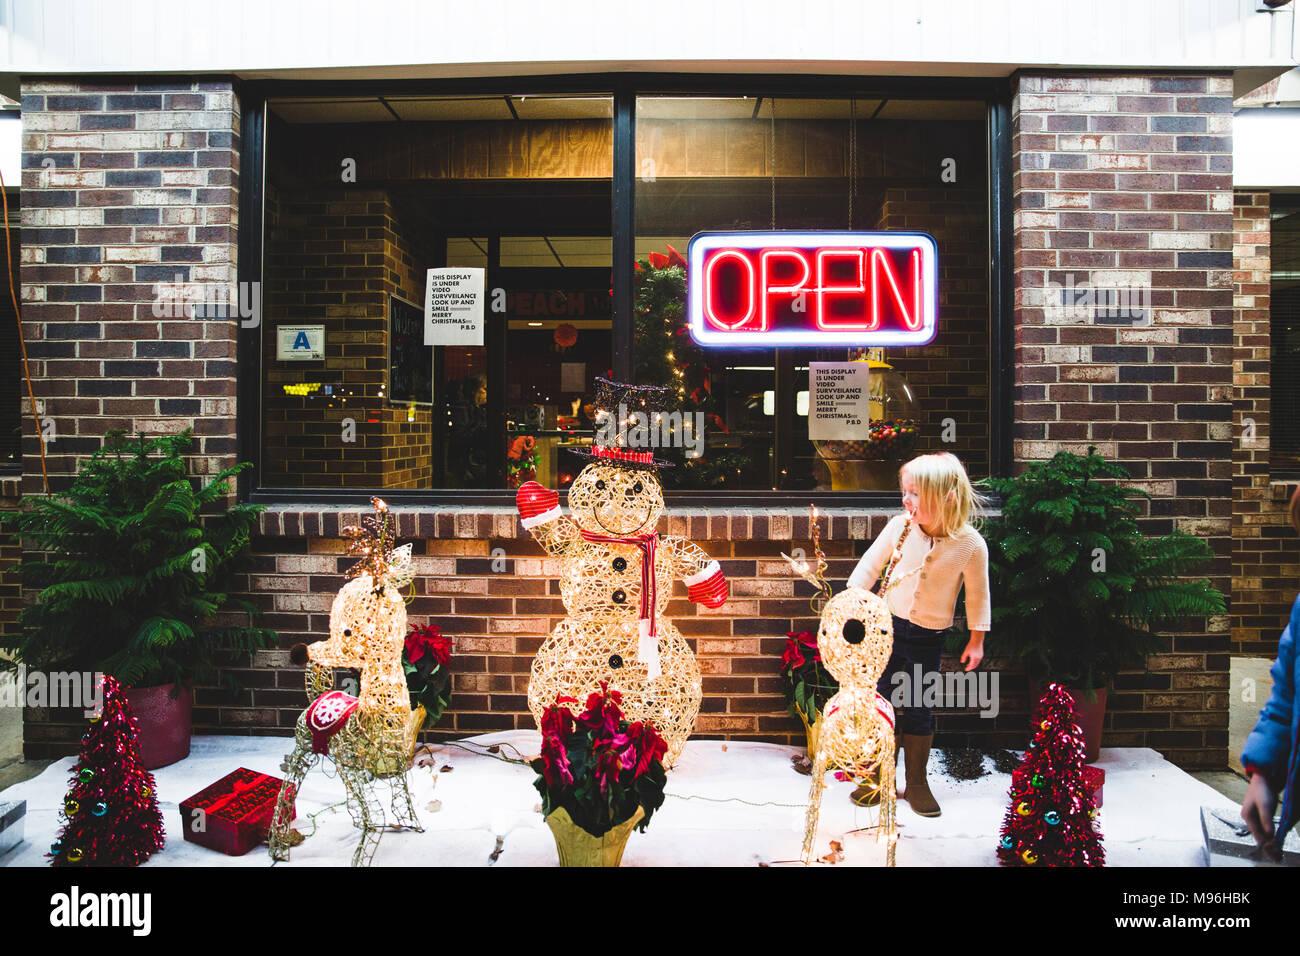 Chica con decoraciones de Navidad junto al restaurante abierto Imagen De Stock